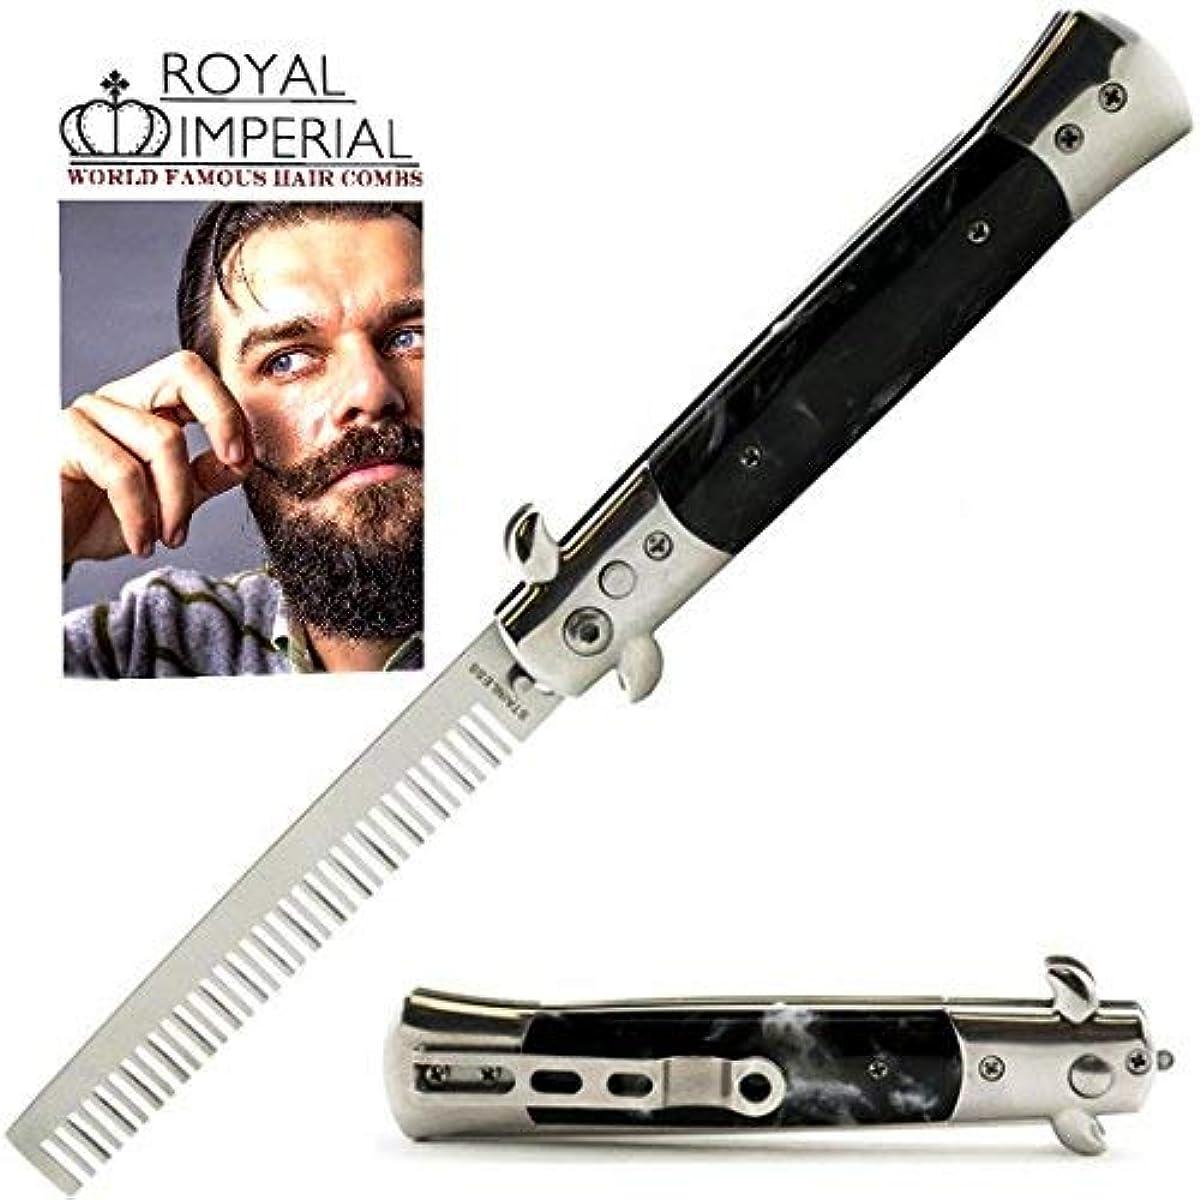 応じる賞誘発するRoyal Imperial Metal Switchblade Pocket Folding Flick Hair Comb For Beard, Mustache, Head Black Pearl Handle ~...